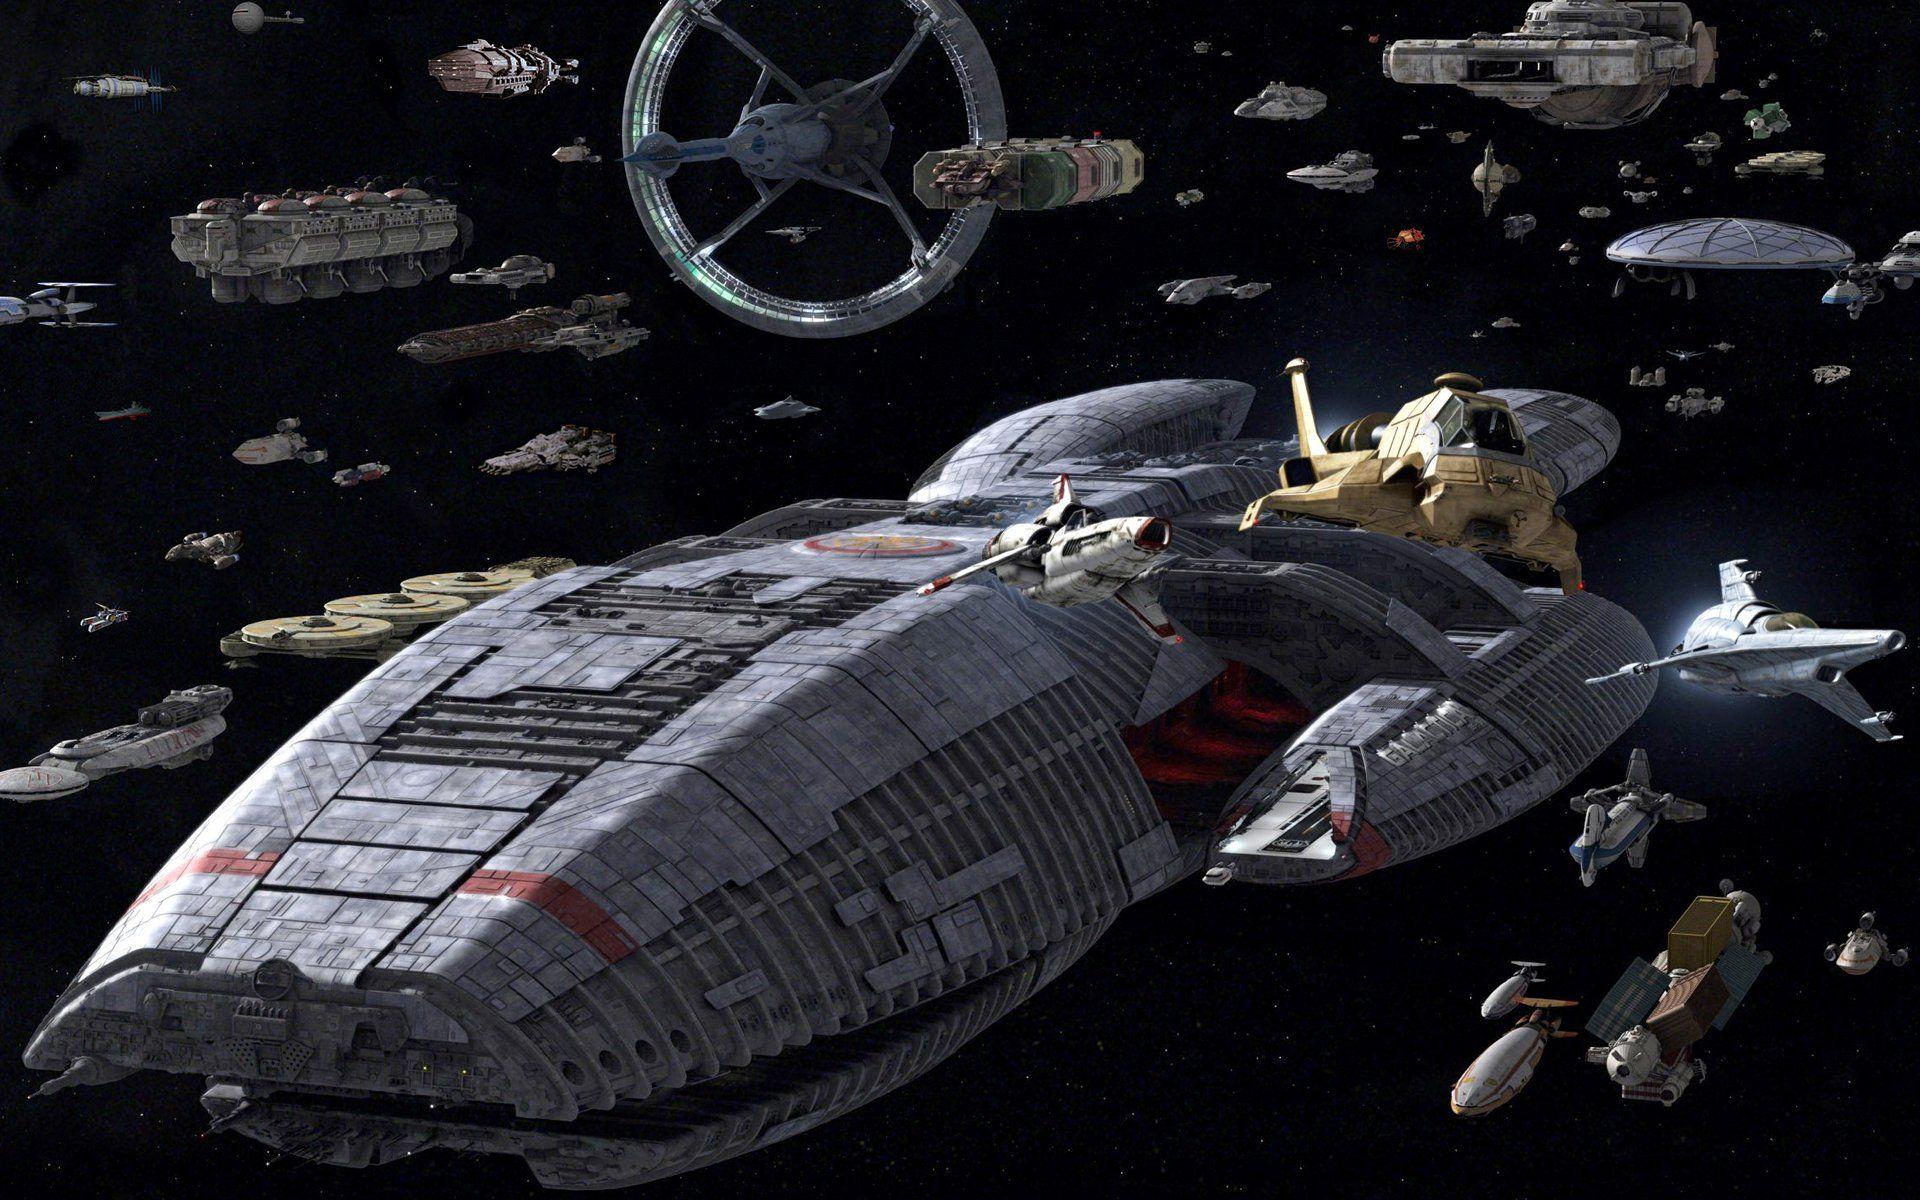 Pin By Amarilio Da Camara Alcantara On Battlestar Galactica In 2020 Star Citizen Battlestar Galactica War